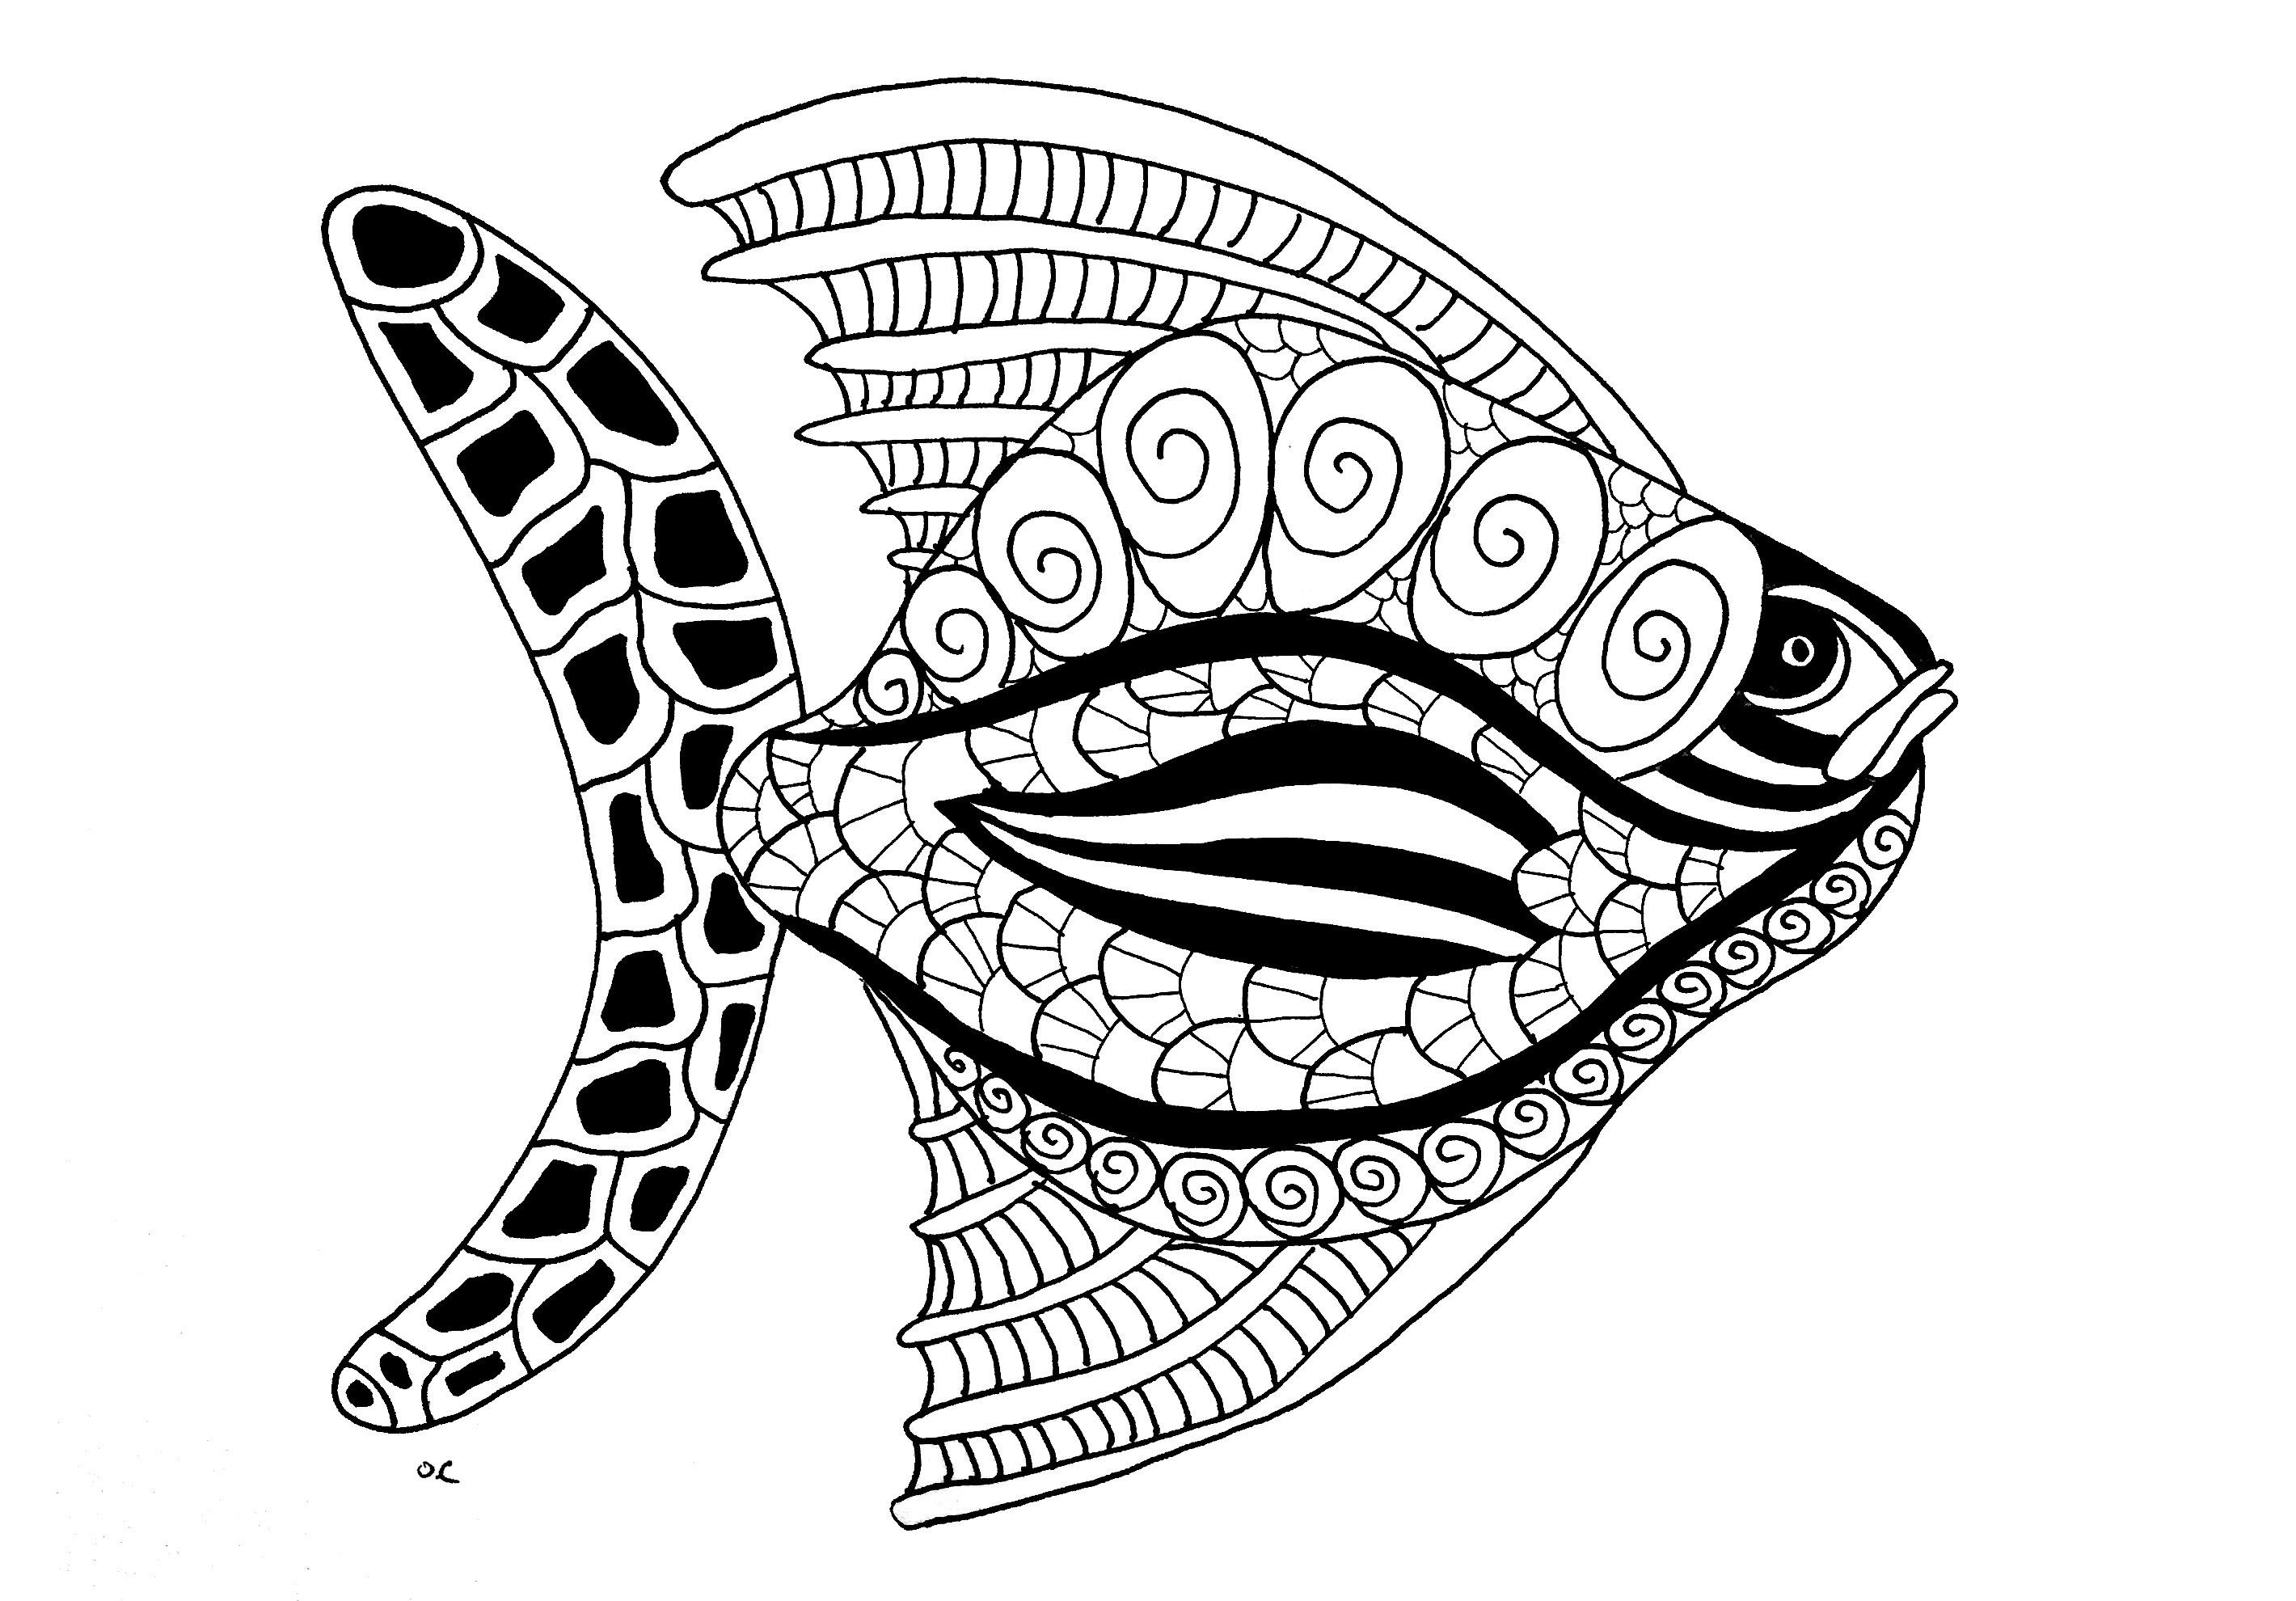 coloriage de poissons coloriages pour enfants. Black Bedroom Furniture Sets. Home Design Ideas